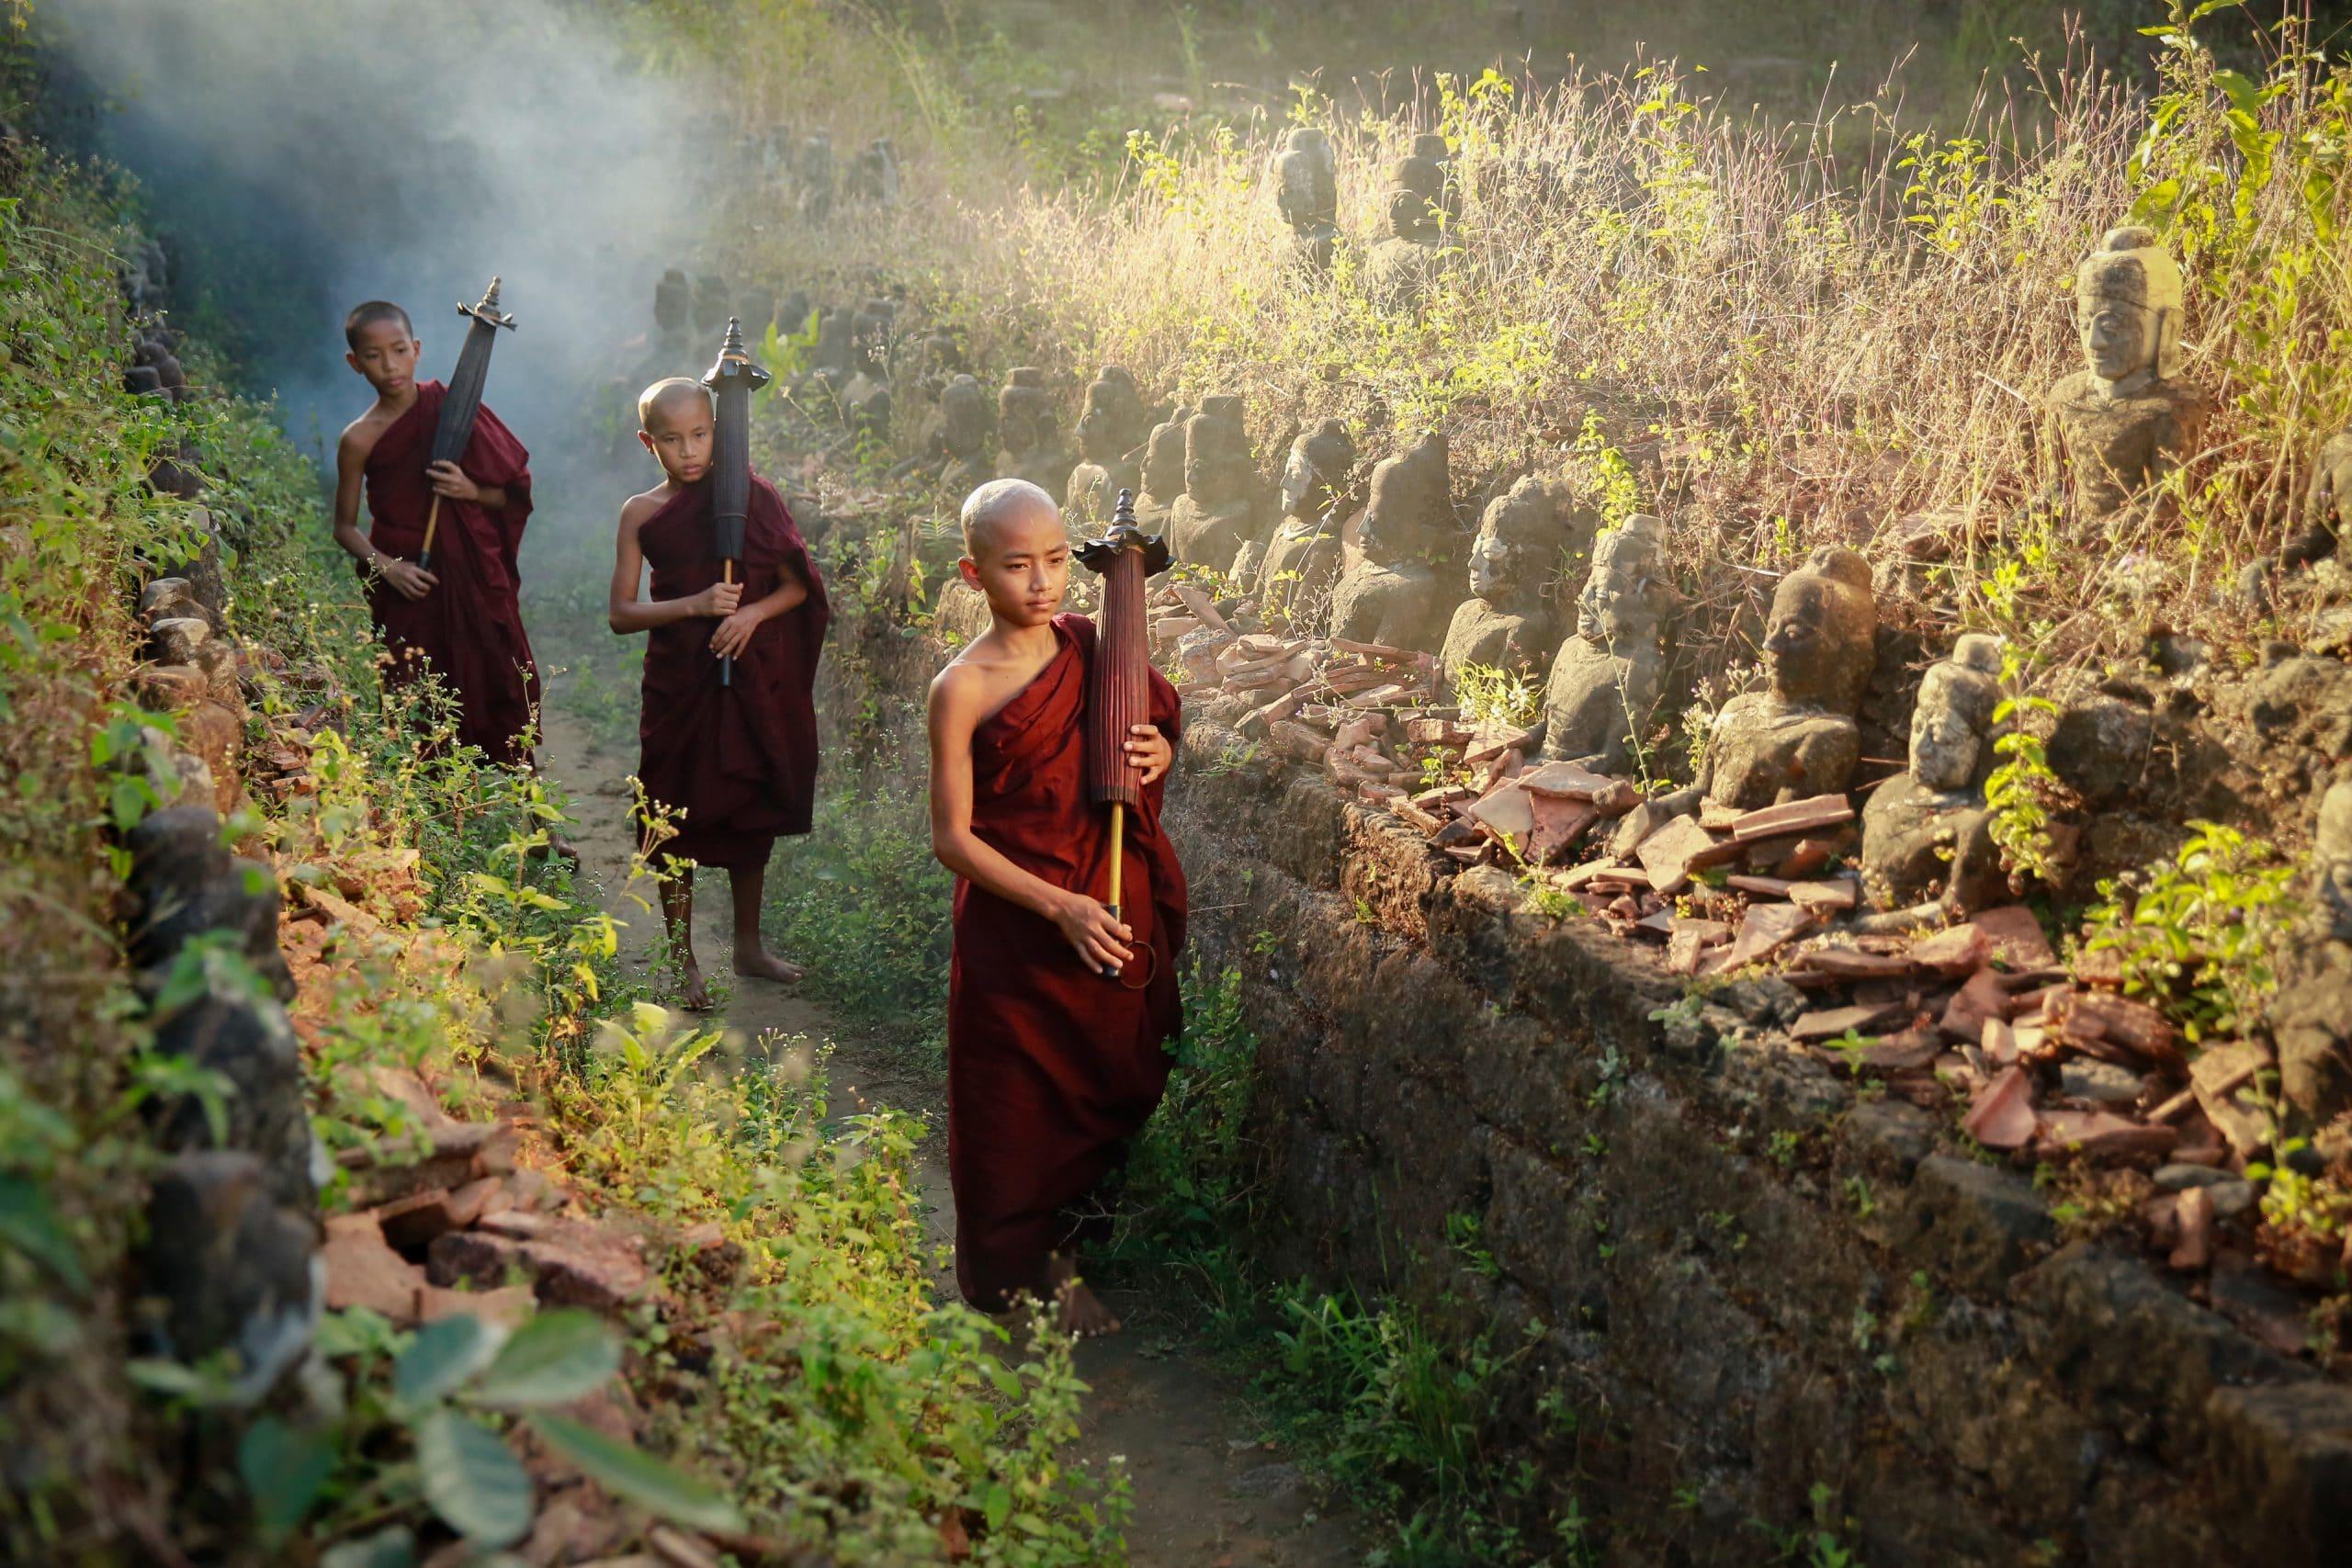 mönche novizen buddha pagode